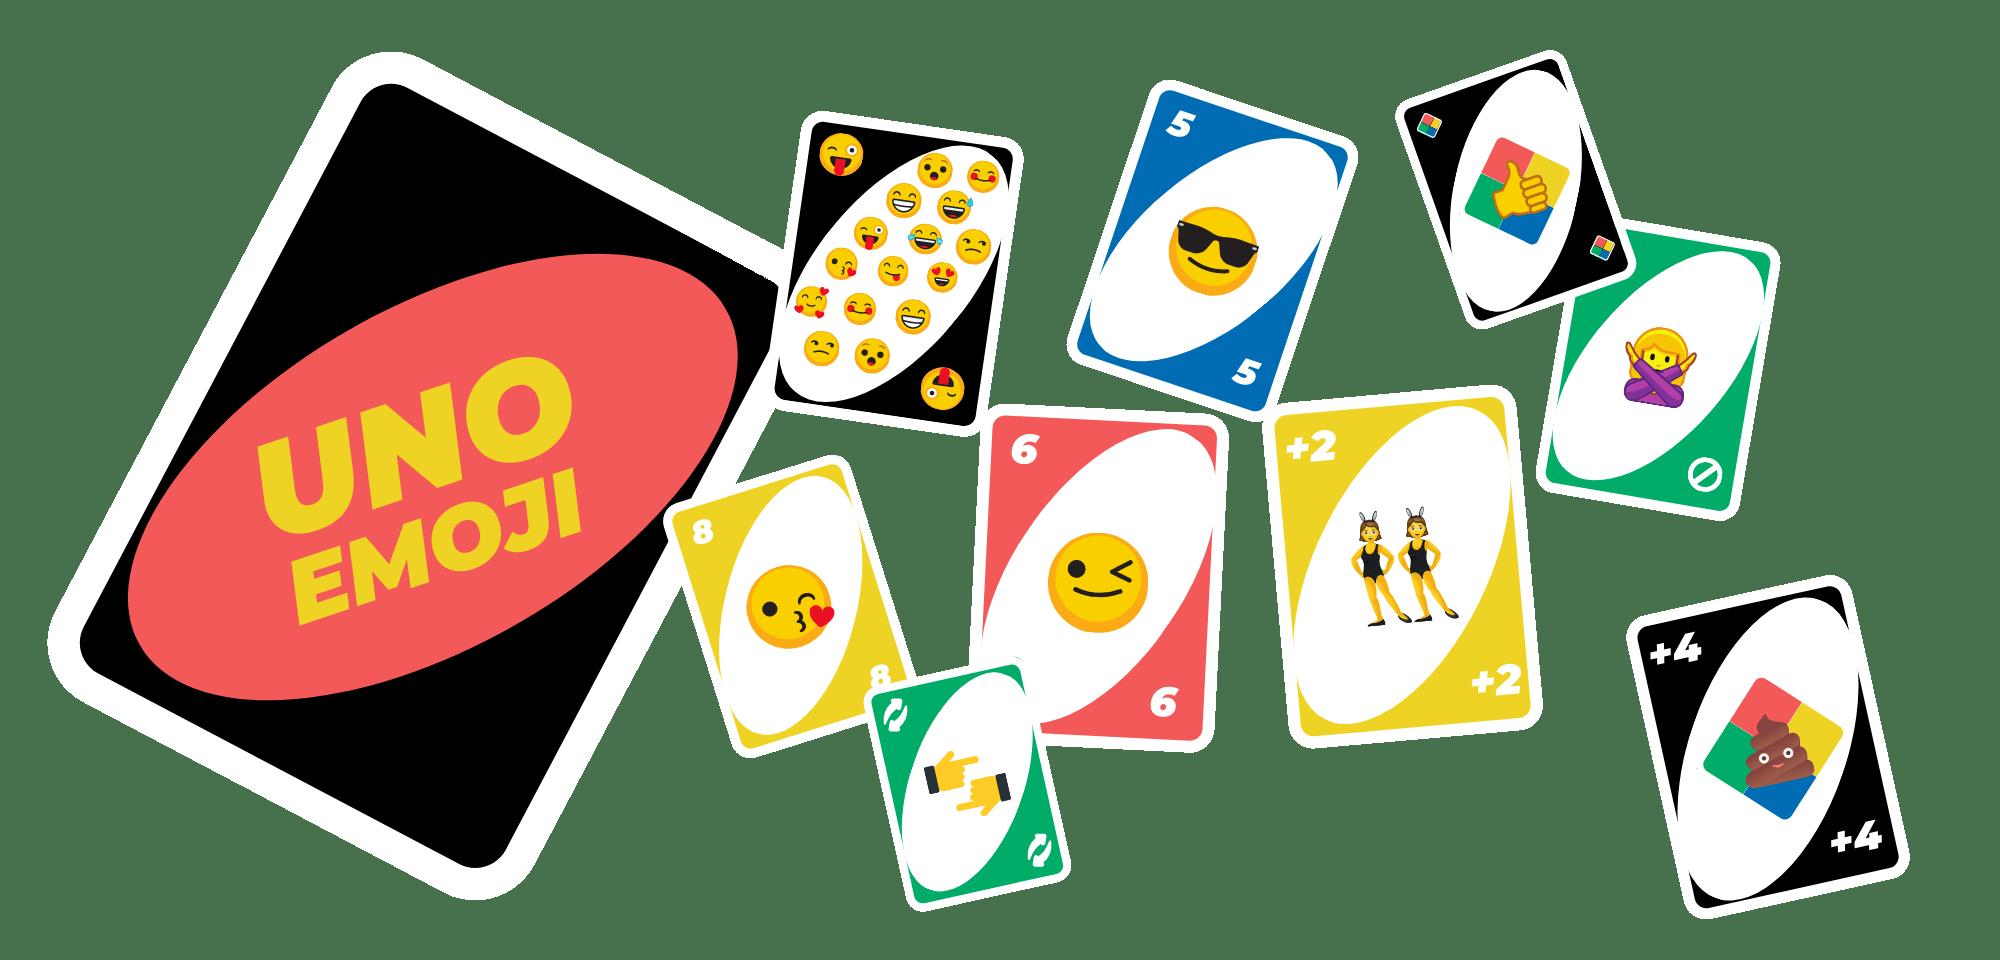 Uno Emoji icon